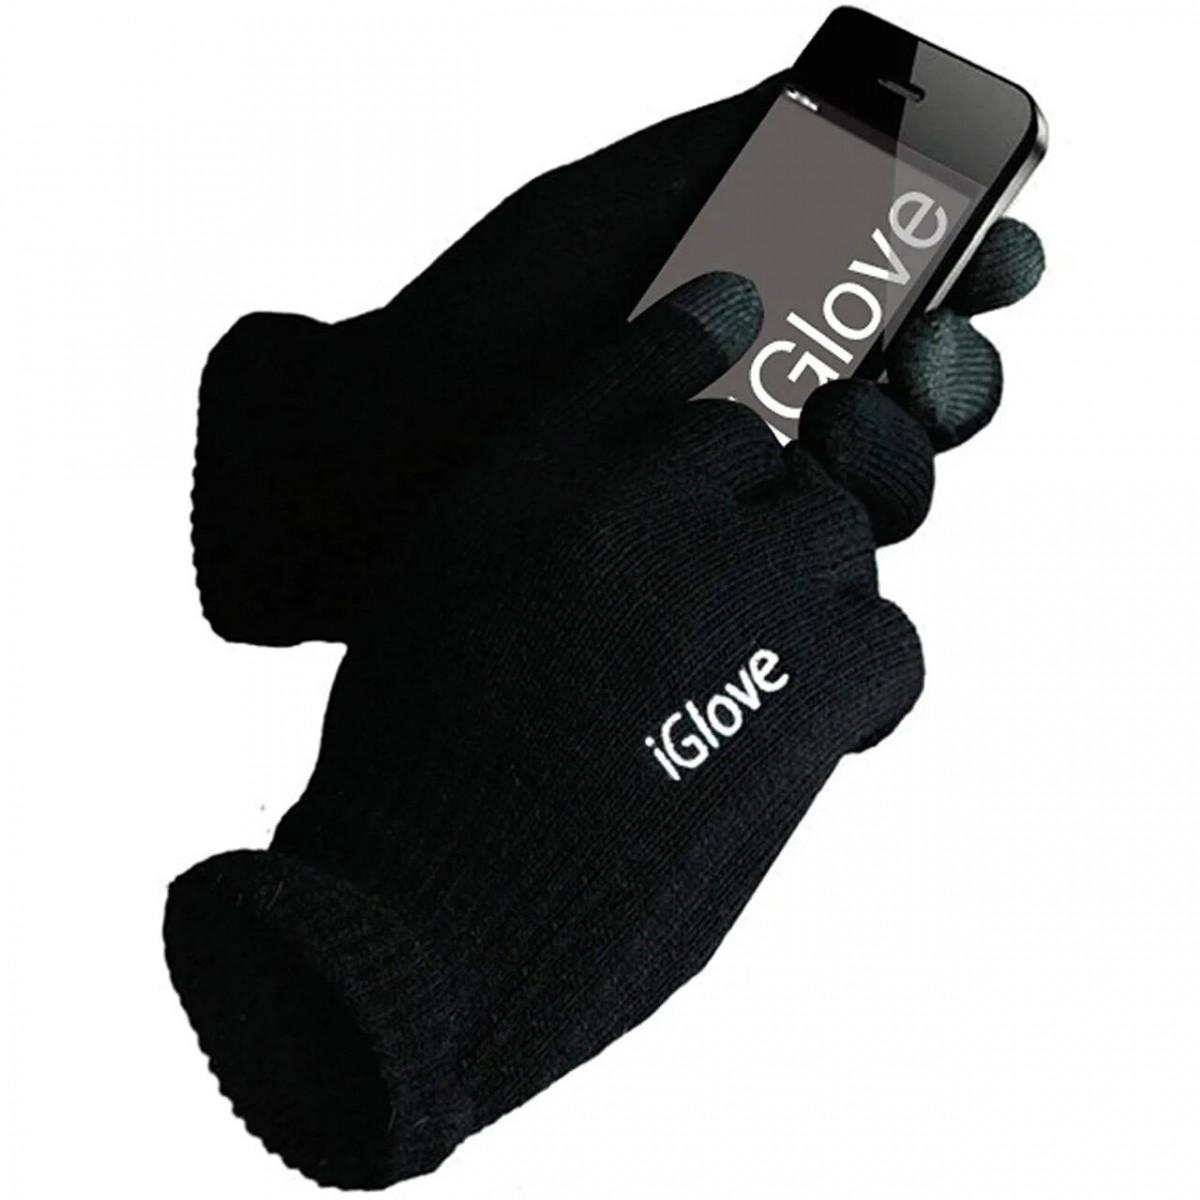 Рукавички iGlove для сенсорних екранів